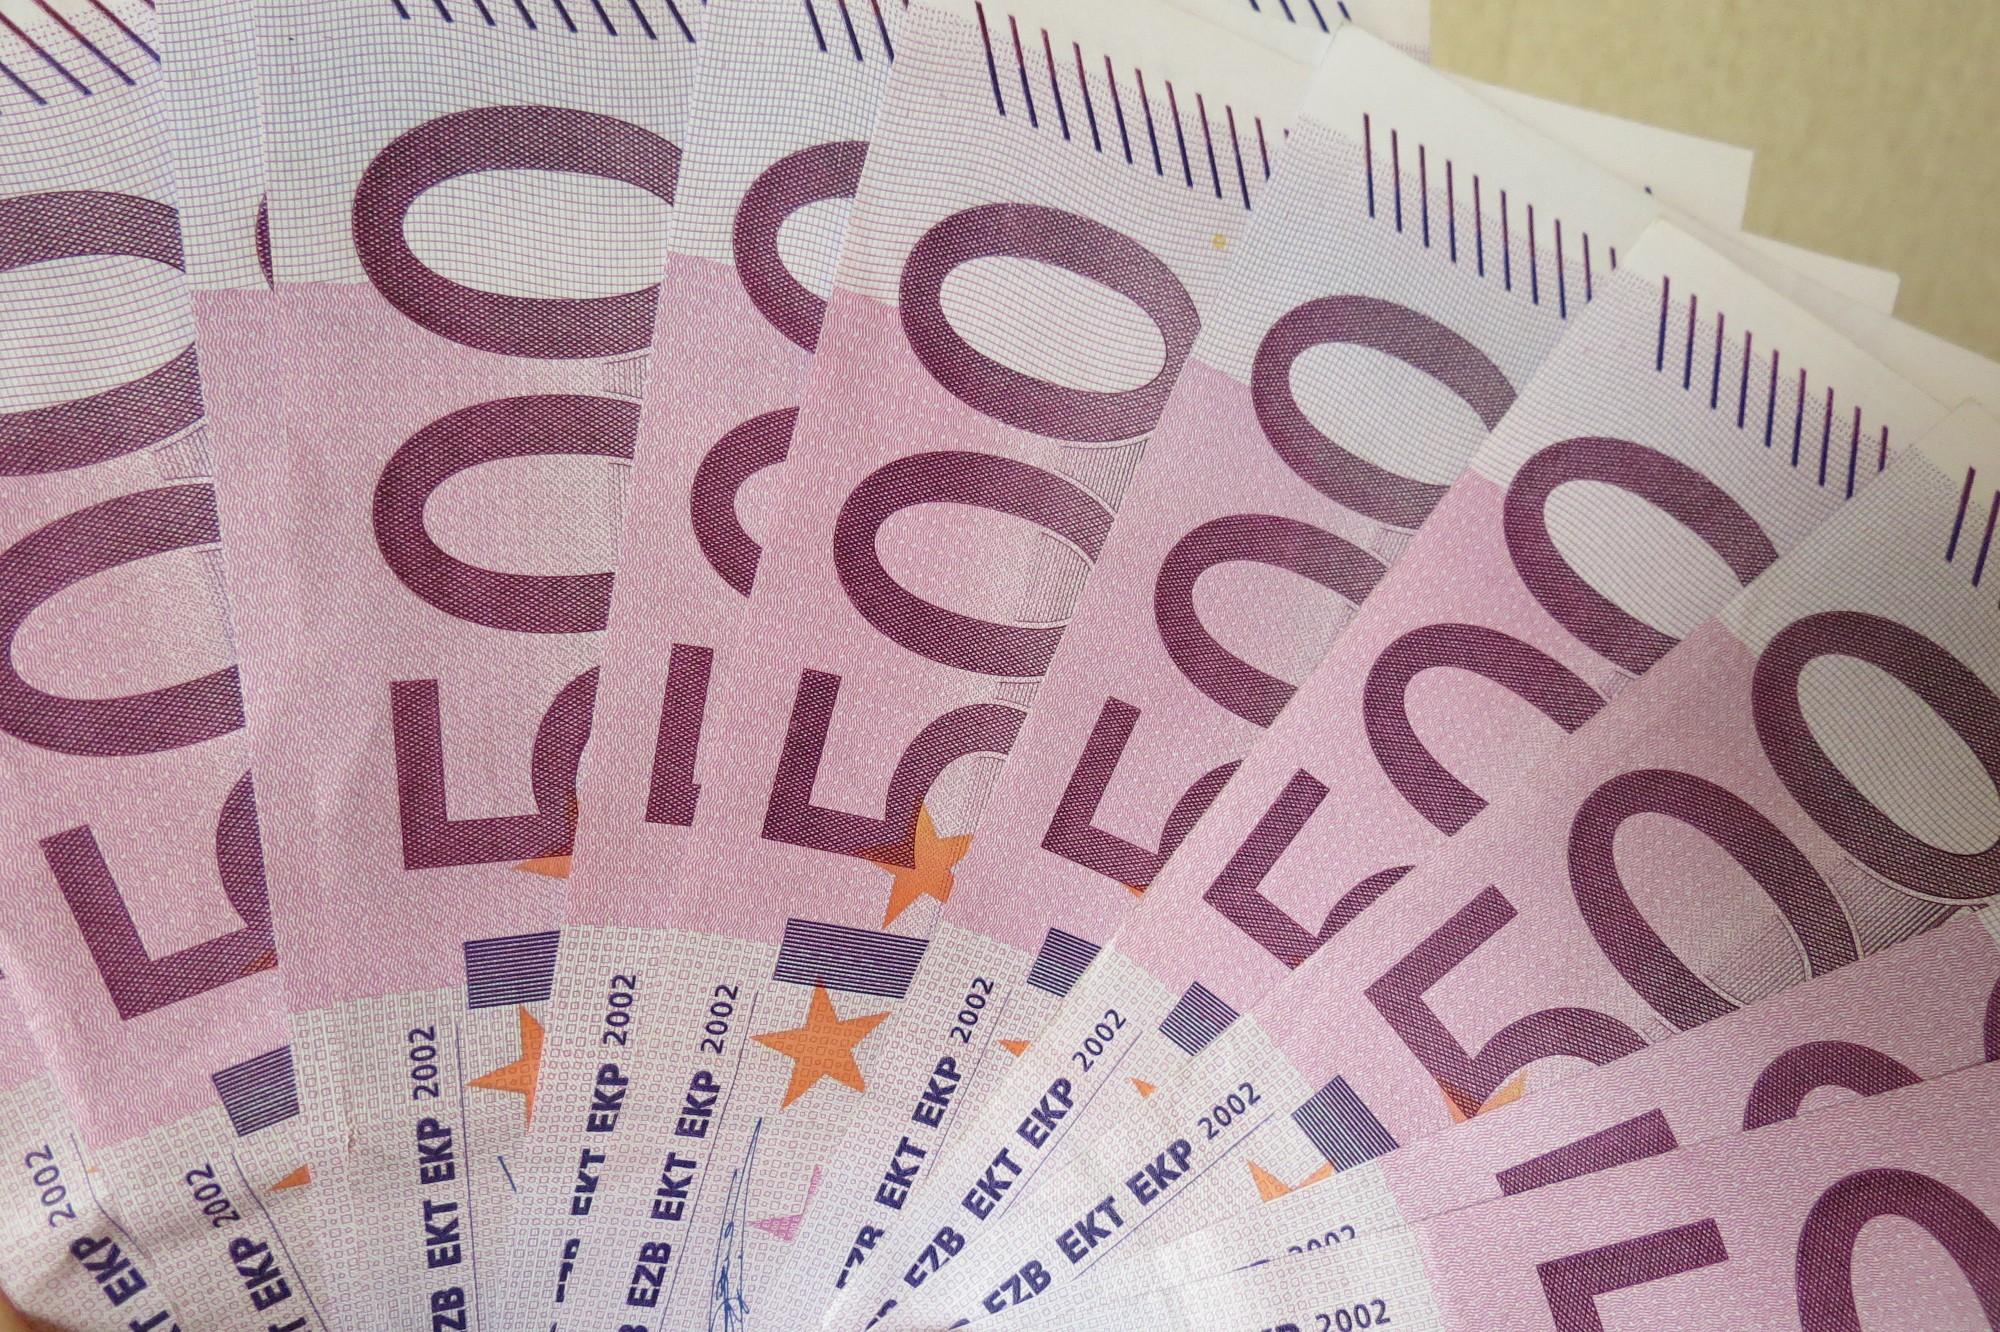 Mazo un vidējo komercsabiedrību projektu konkursam šogad atvēlēs teju 100 tūkstošus eiro